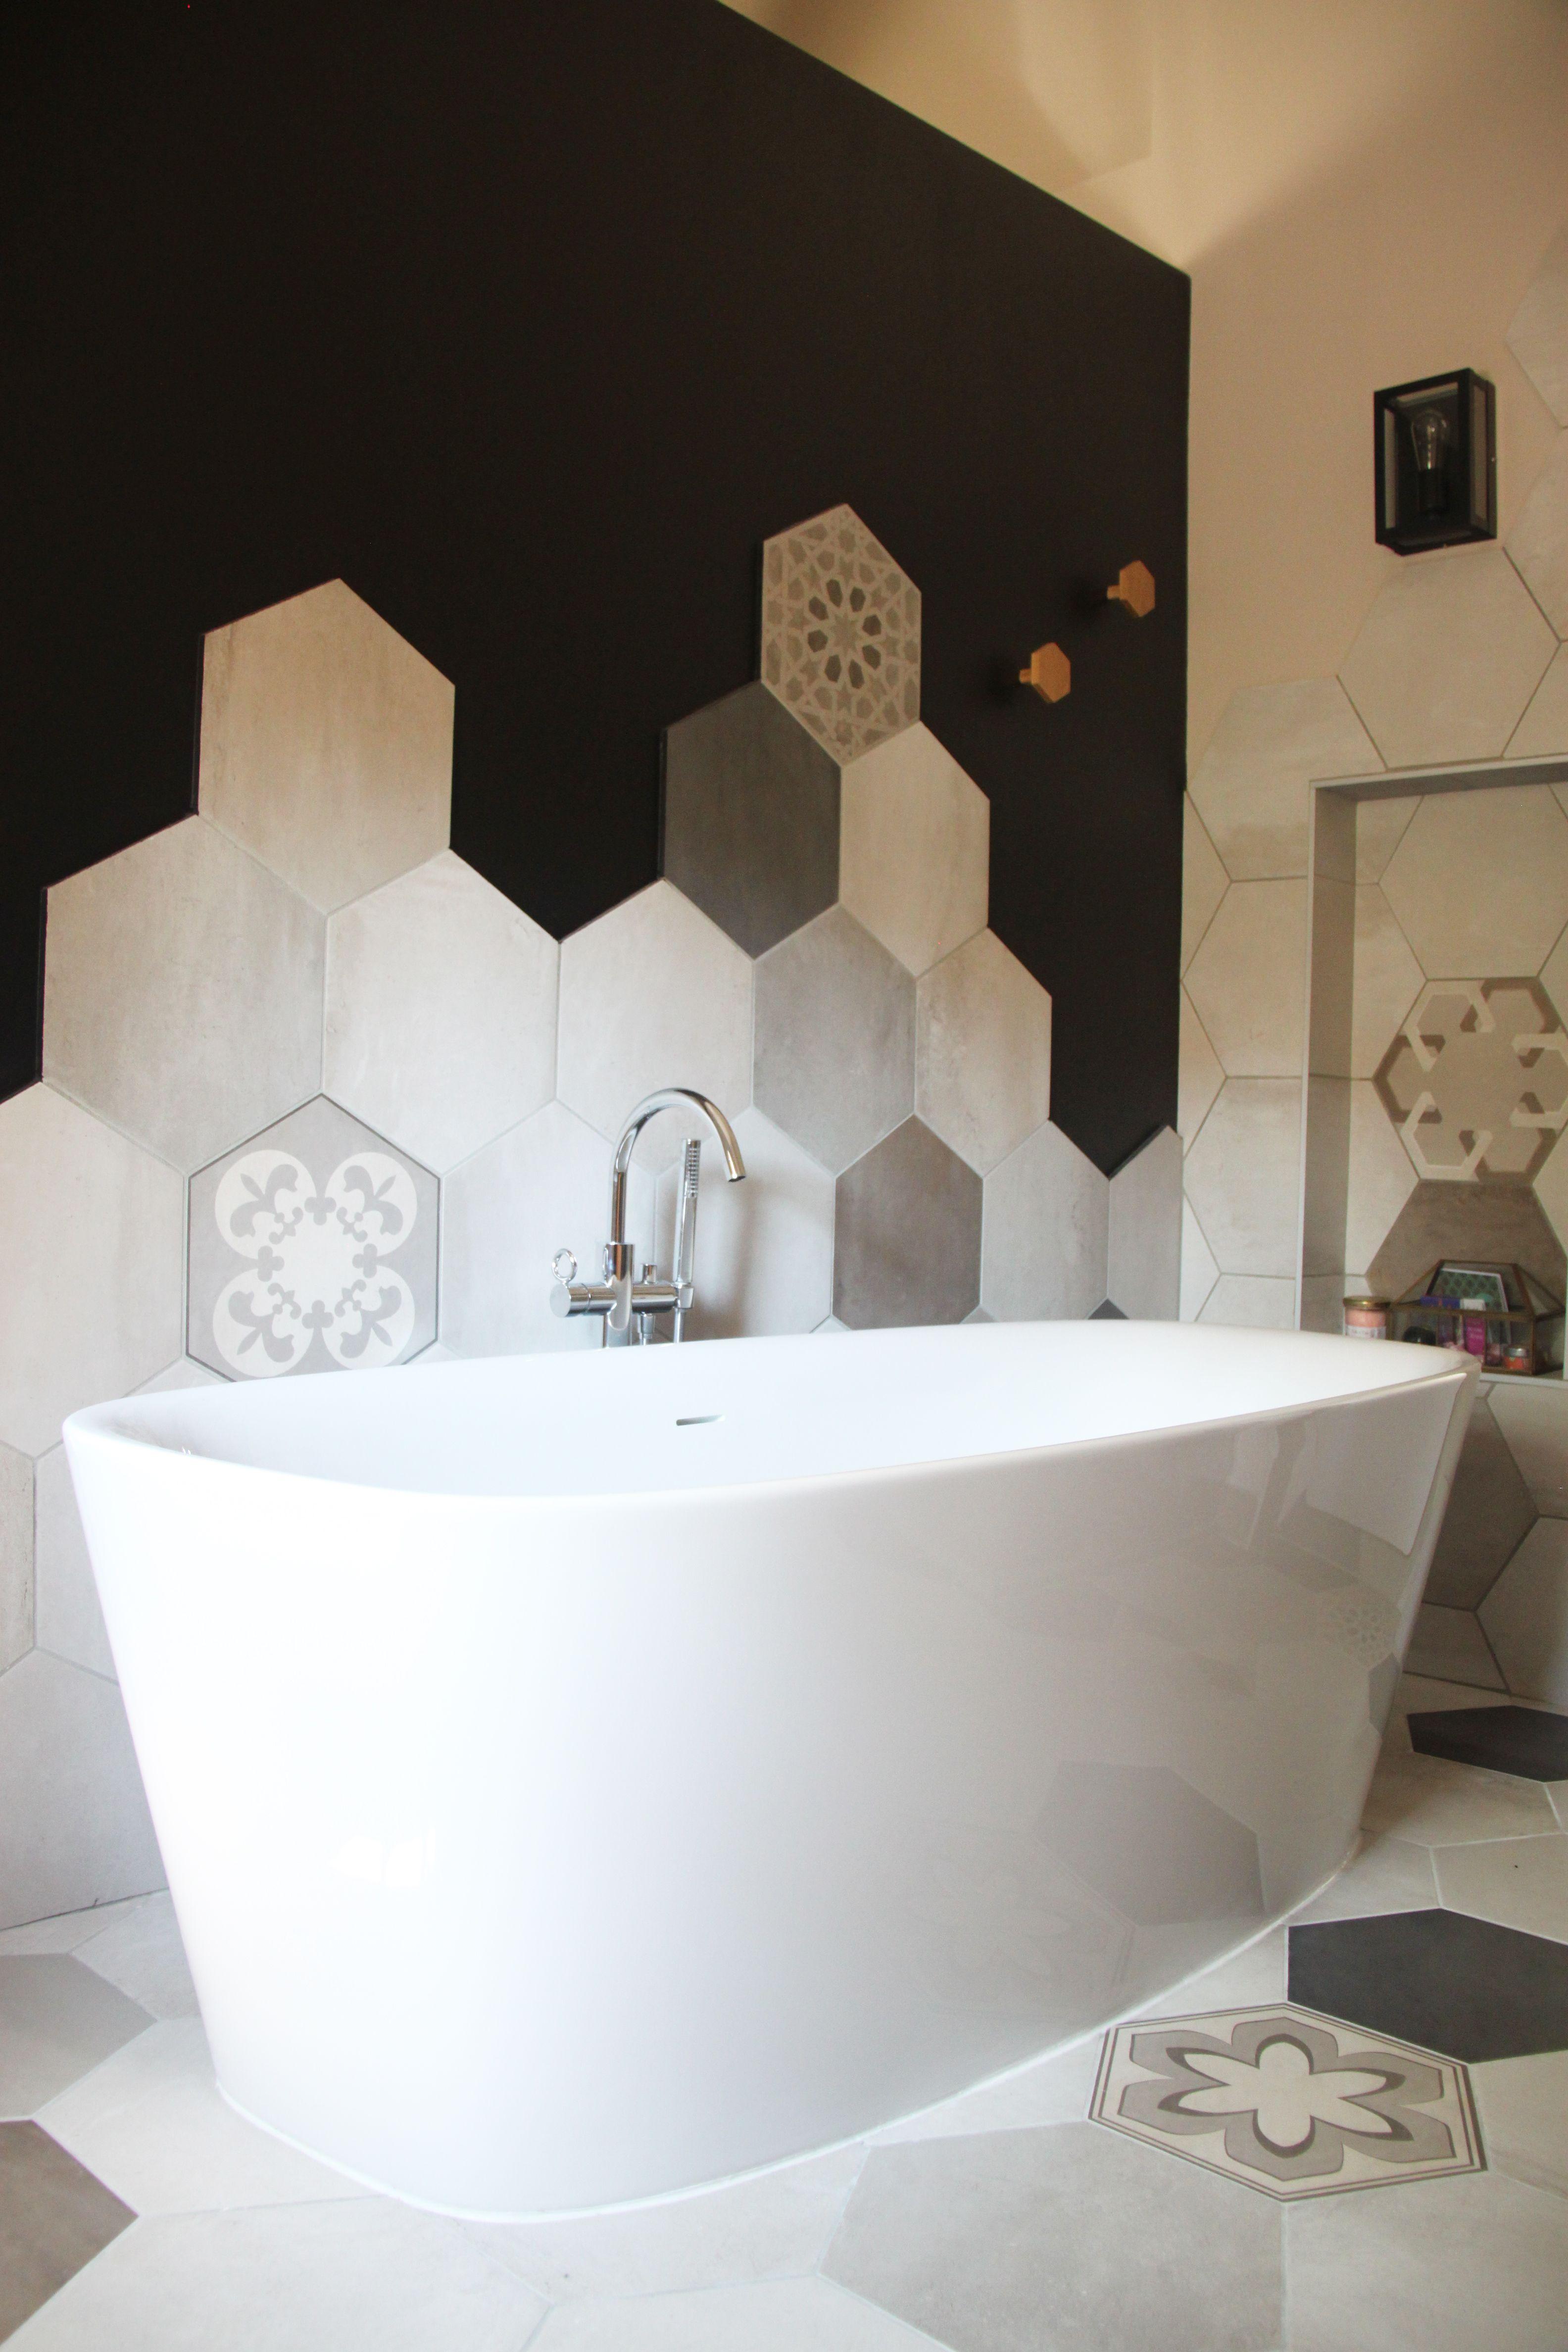 salle de bain avec une belle baignoire ilot et des faiences en carreaux ciment disposees de mani idee salle de bain idees salle de bain carrelage salle de bain